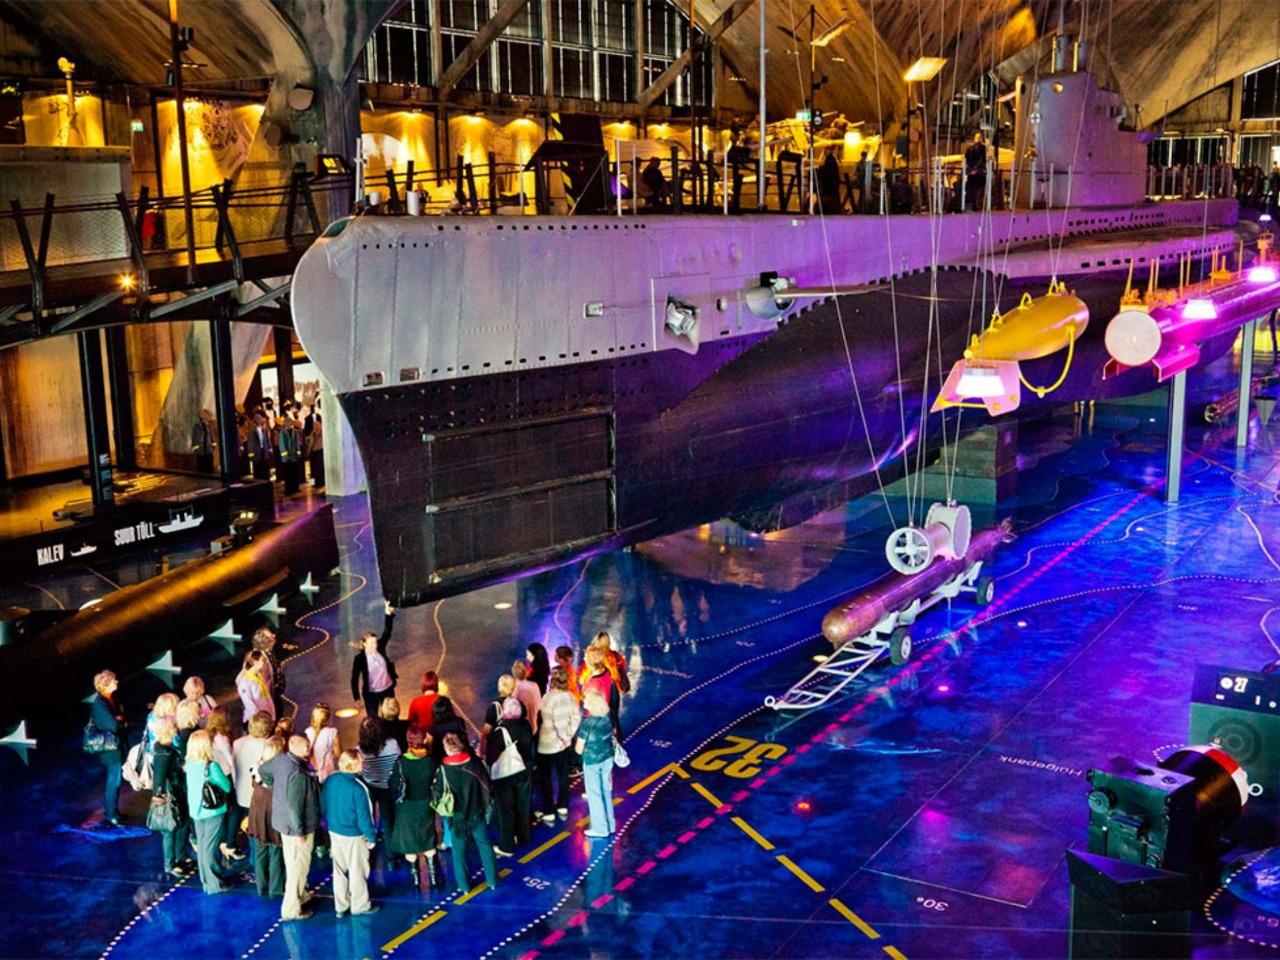 """Интерактивный музей  """"Лётная гавань"""" в Таллине - индивидуальная экскурсия в Таллине от опытного гида"""